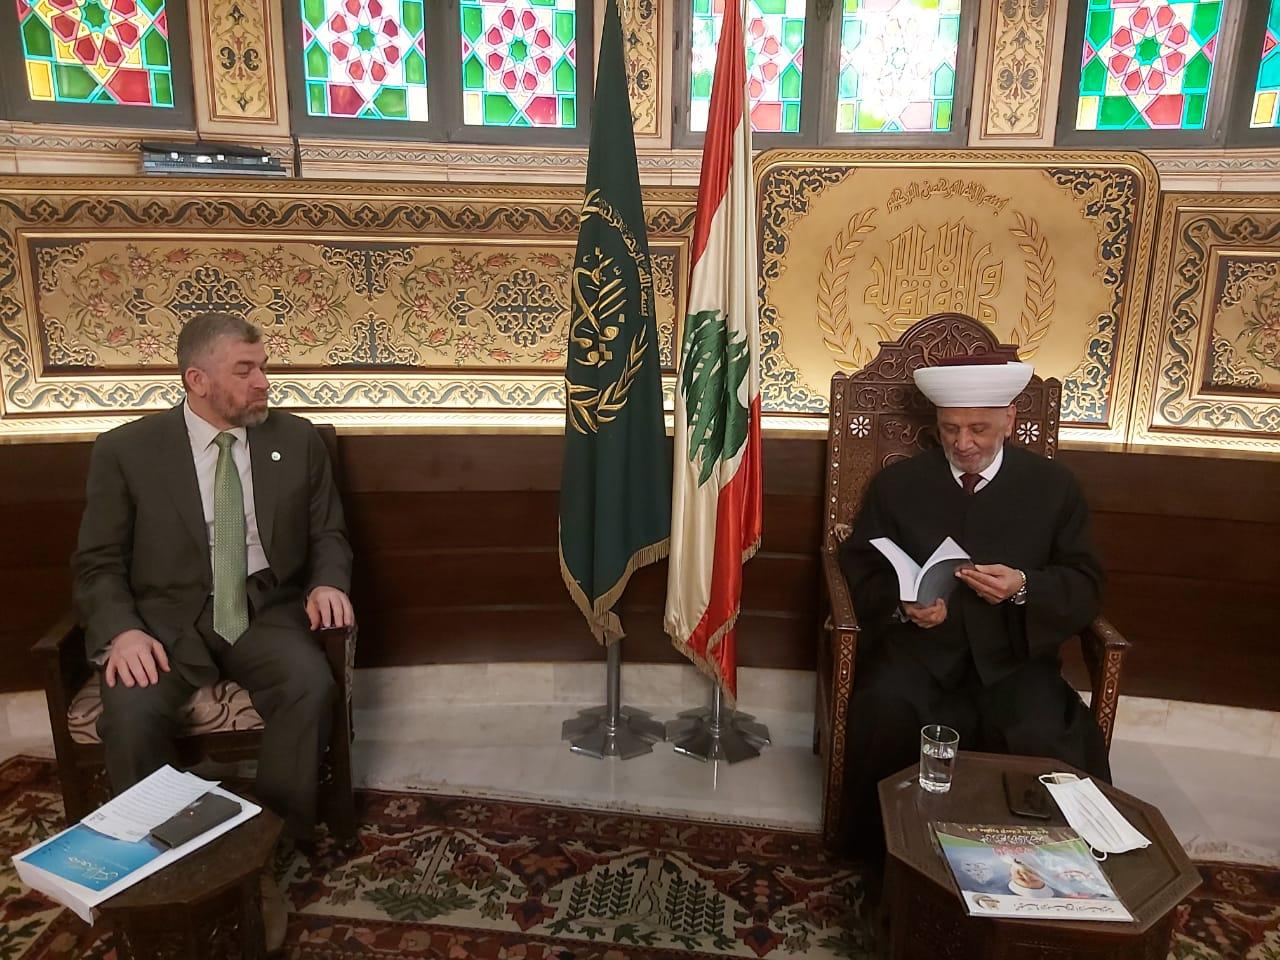 وفد جامعة طرابلس في زيارة مفتي الجمهورية اللبنانية  (3/5)